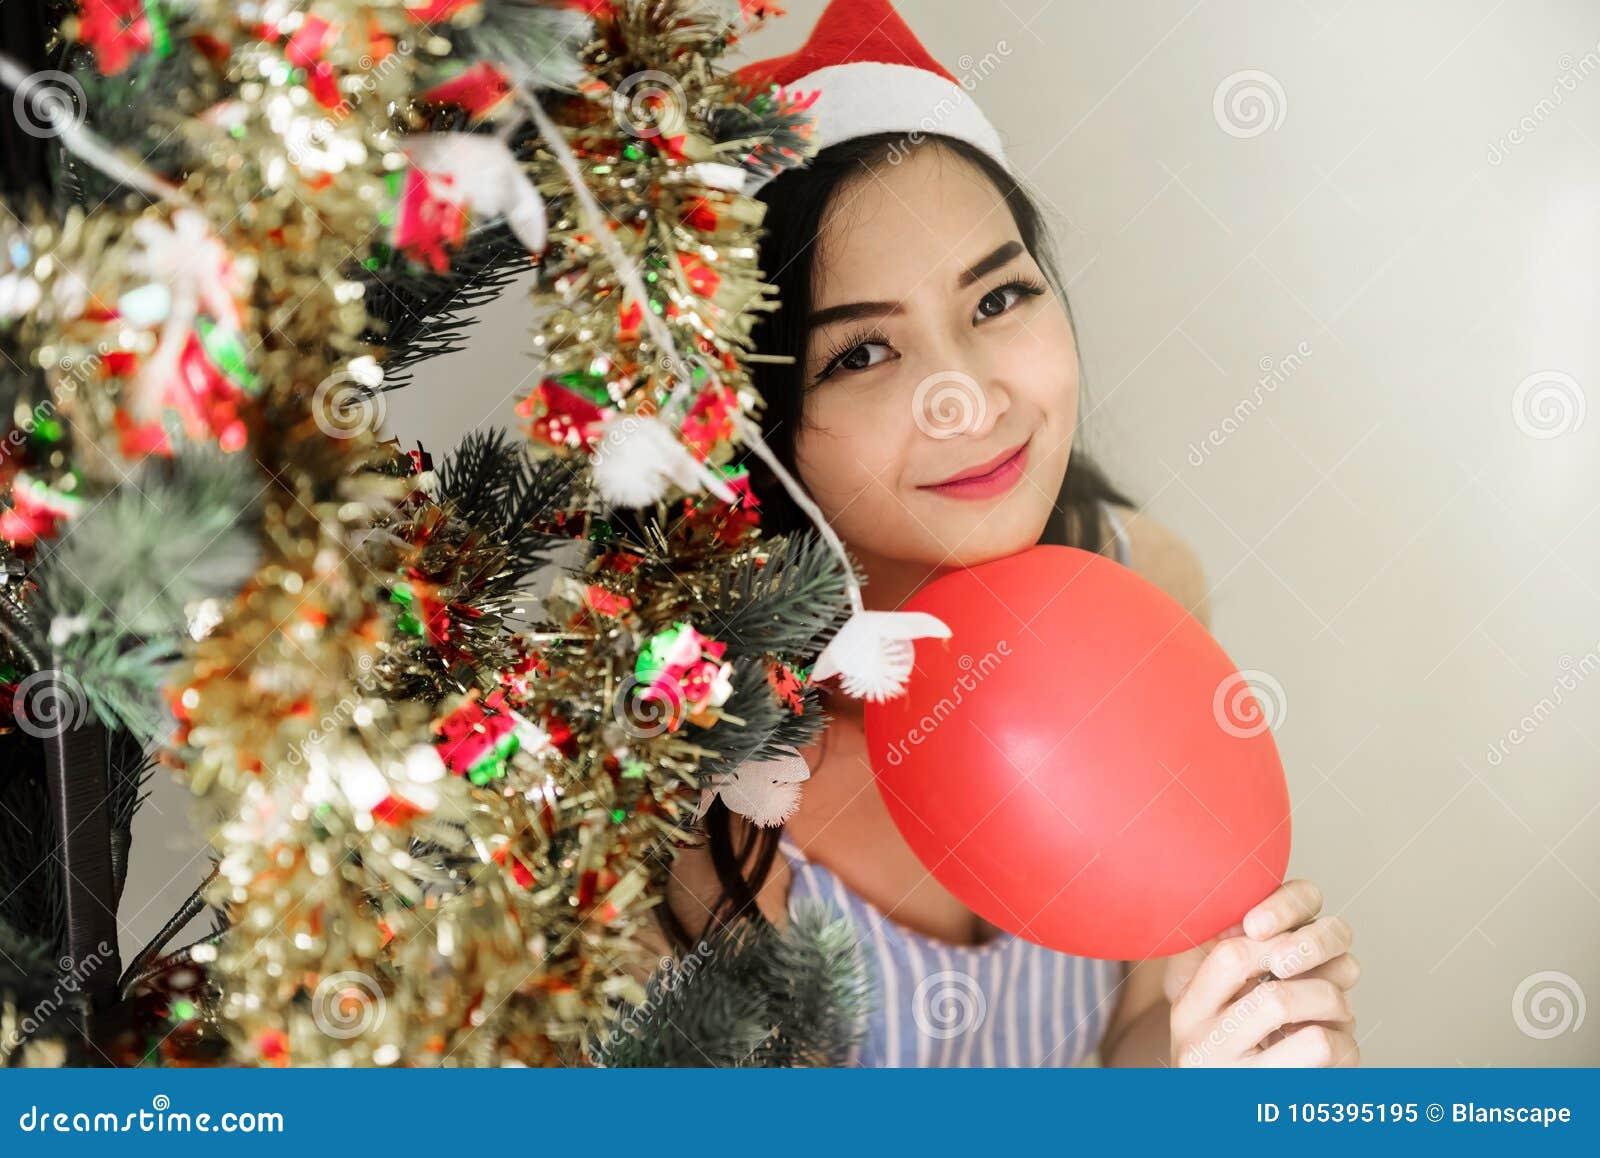 Красивая женщина на рождественской елке